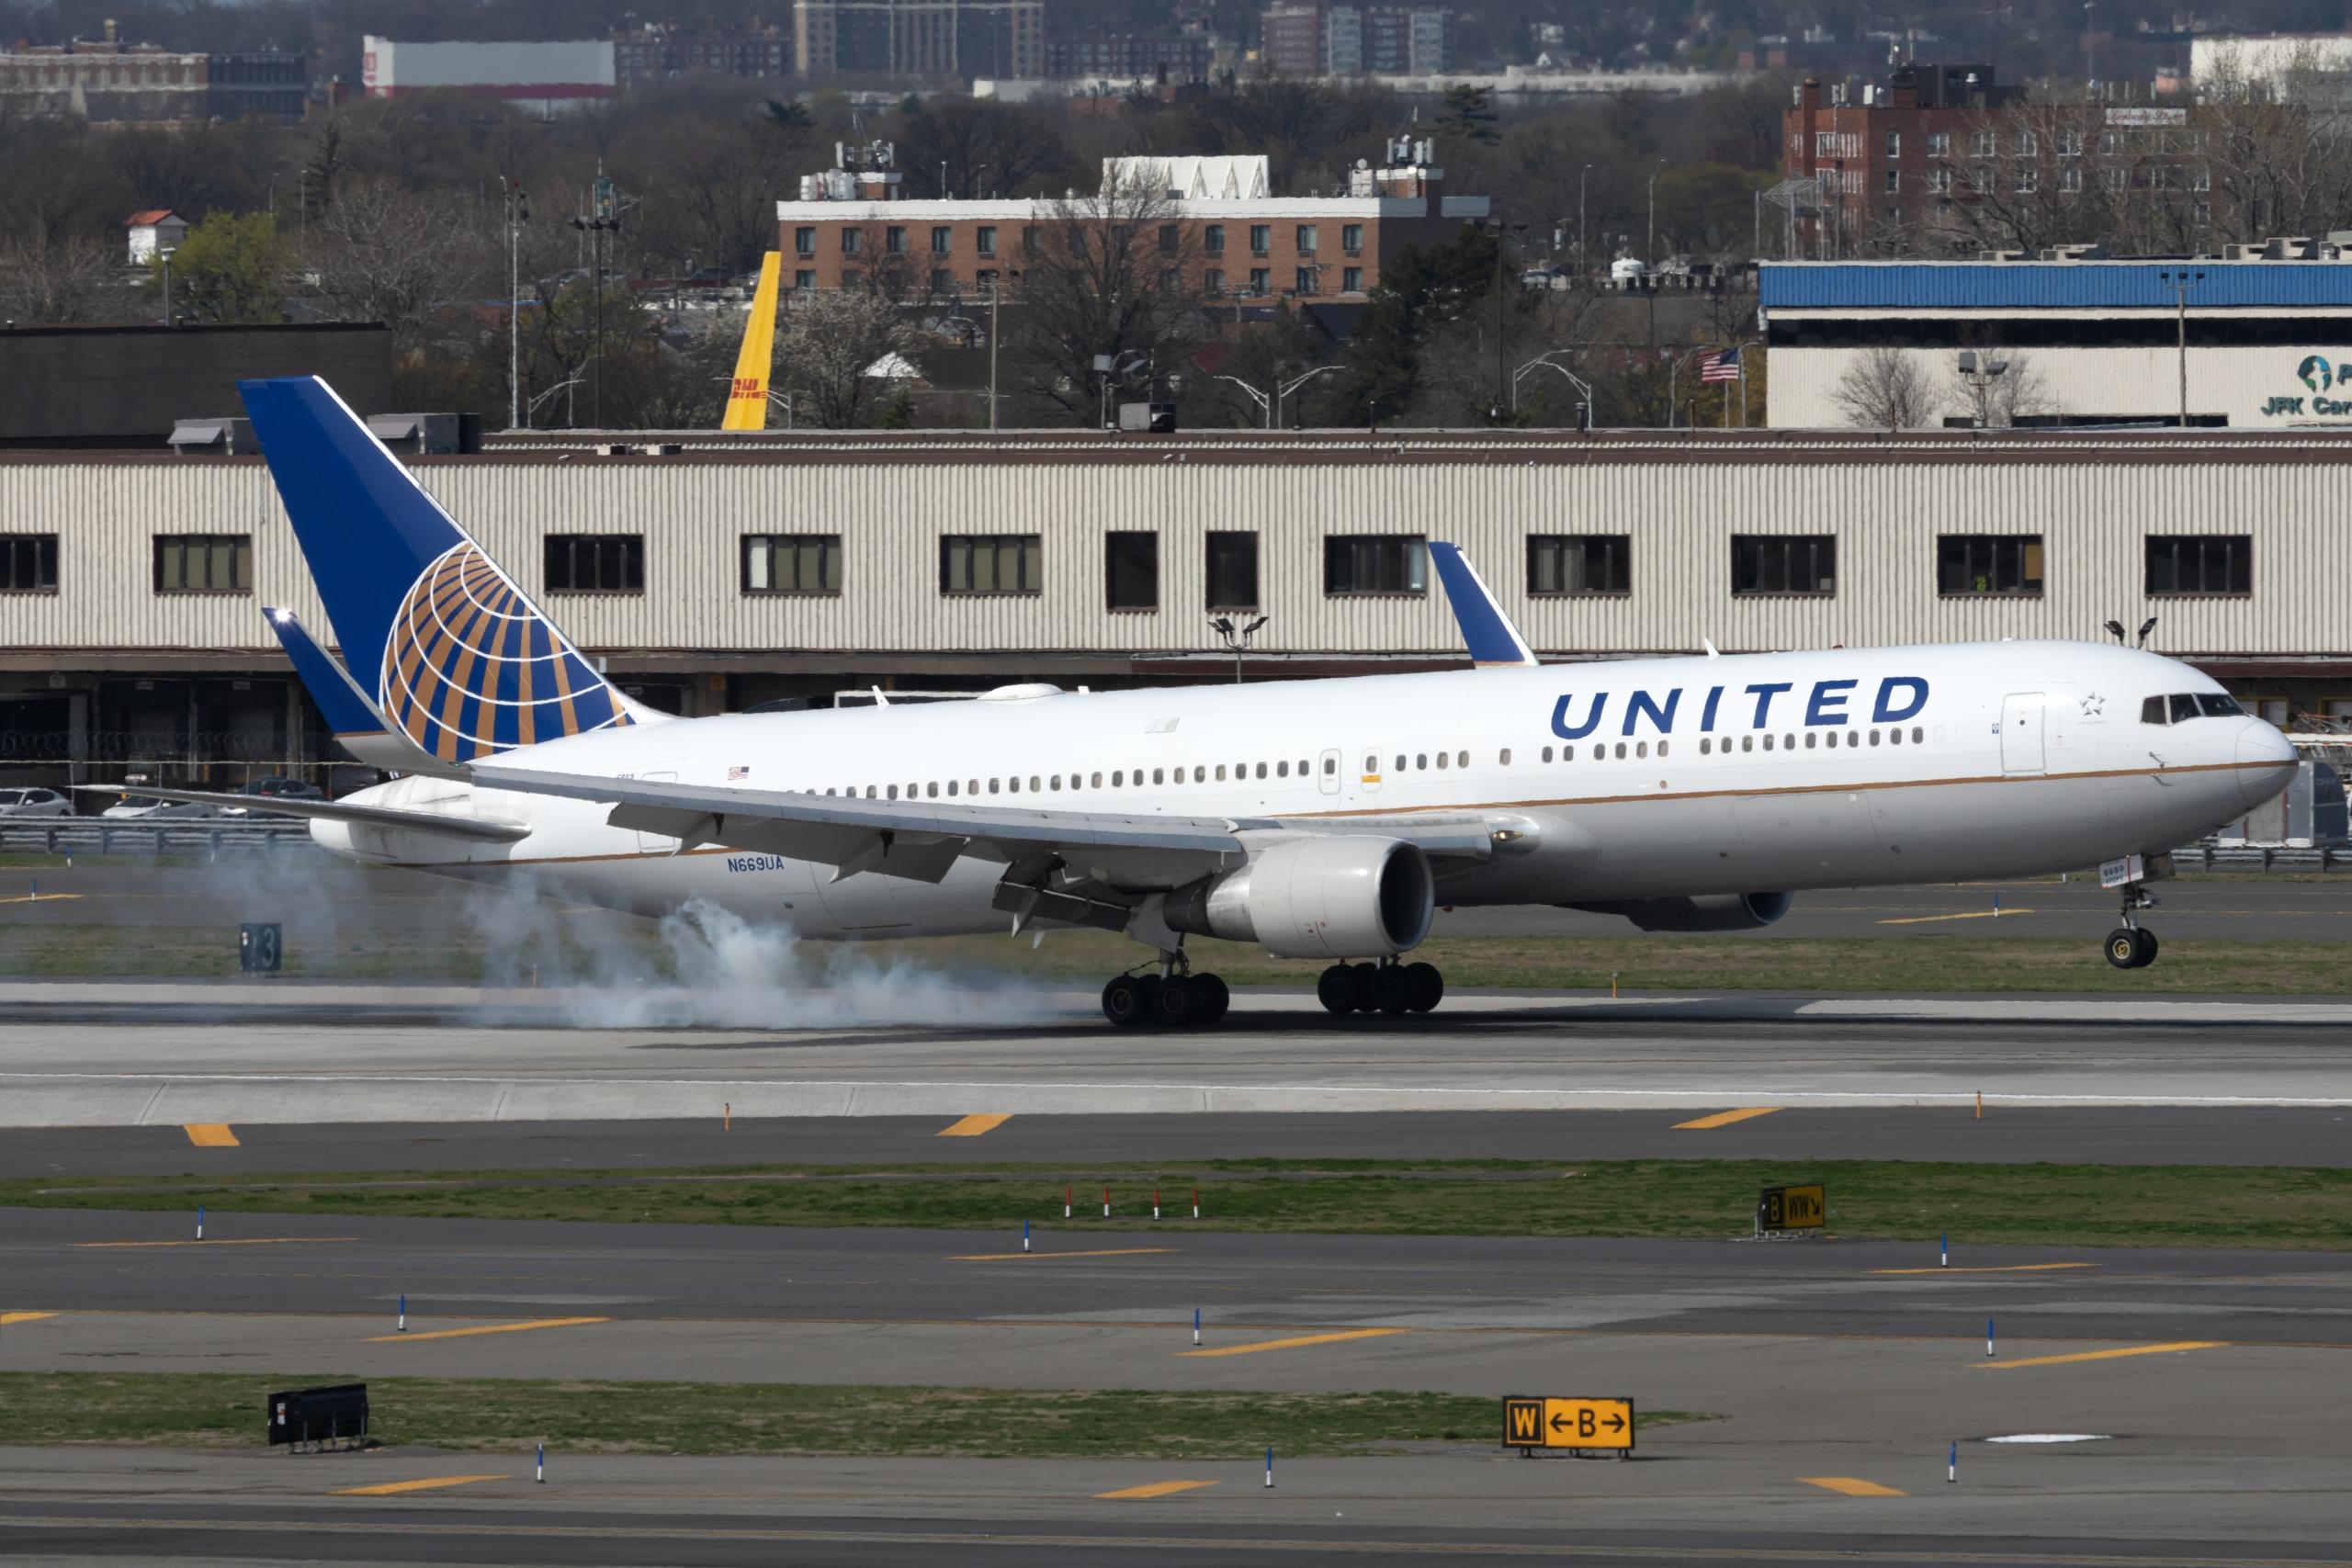 United Airlines, Hand Grenade, Flight Delay